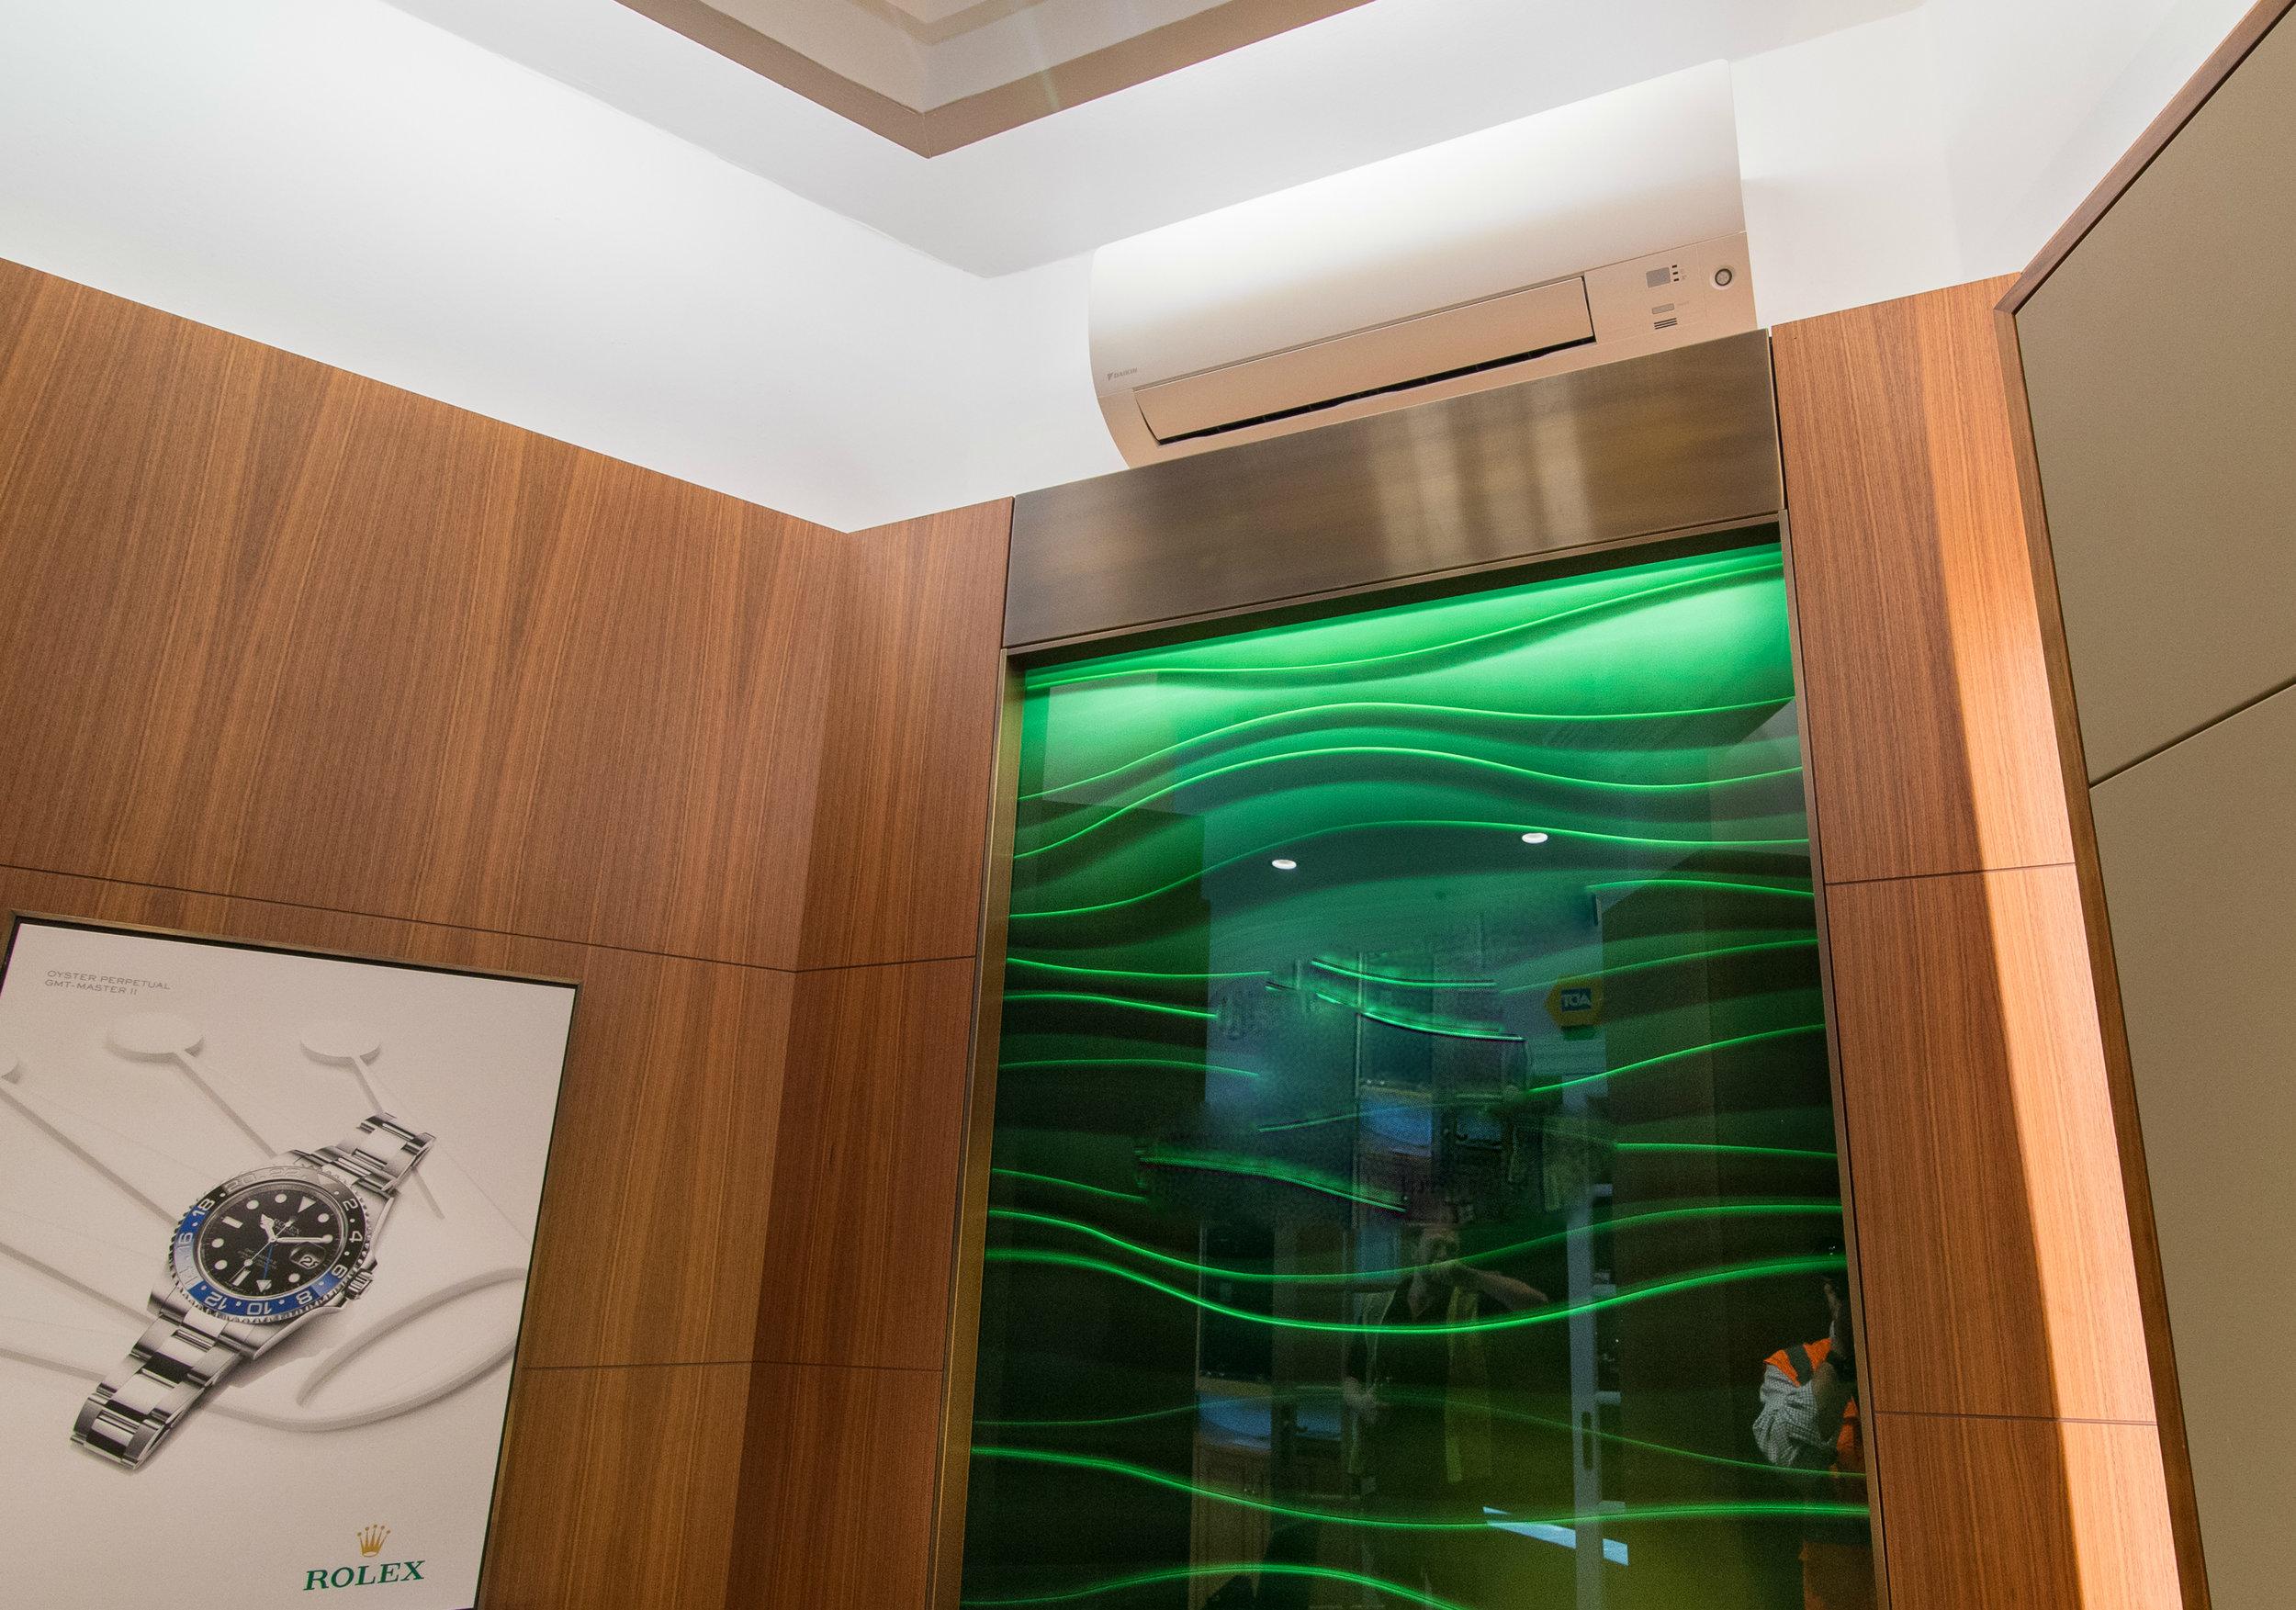 Rolex Lounge AC installation